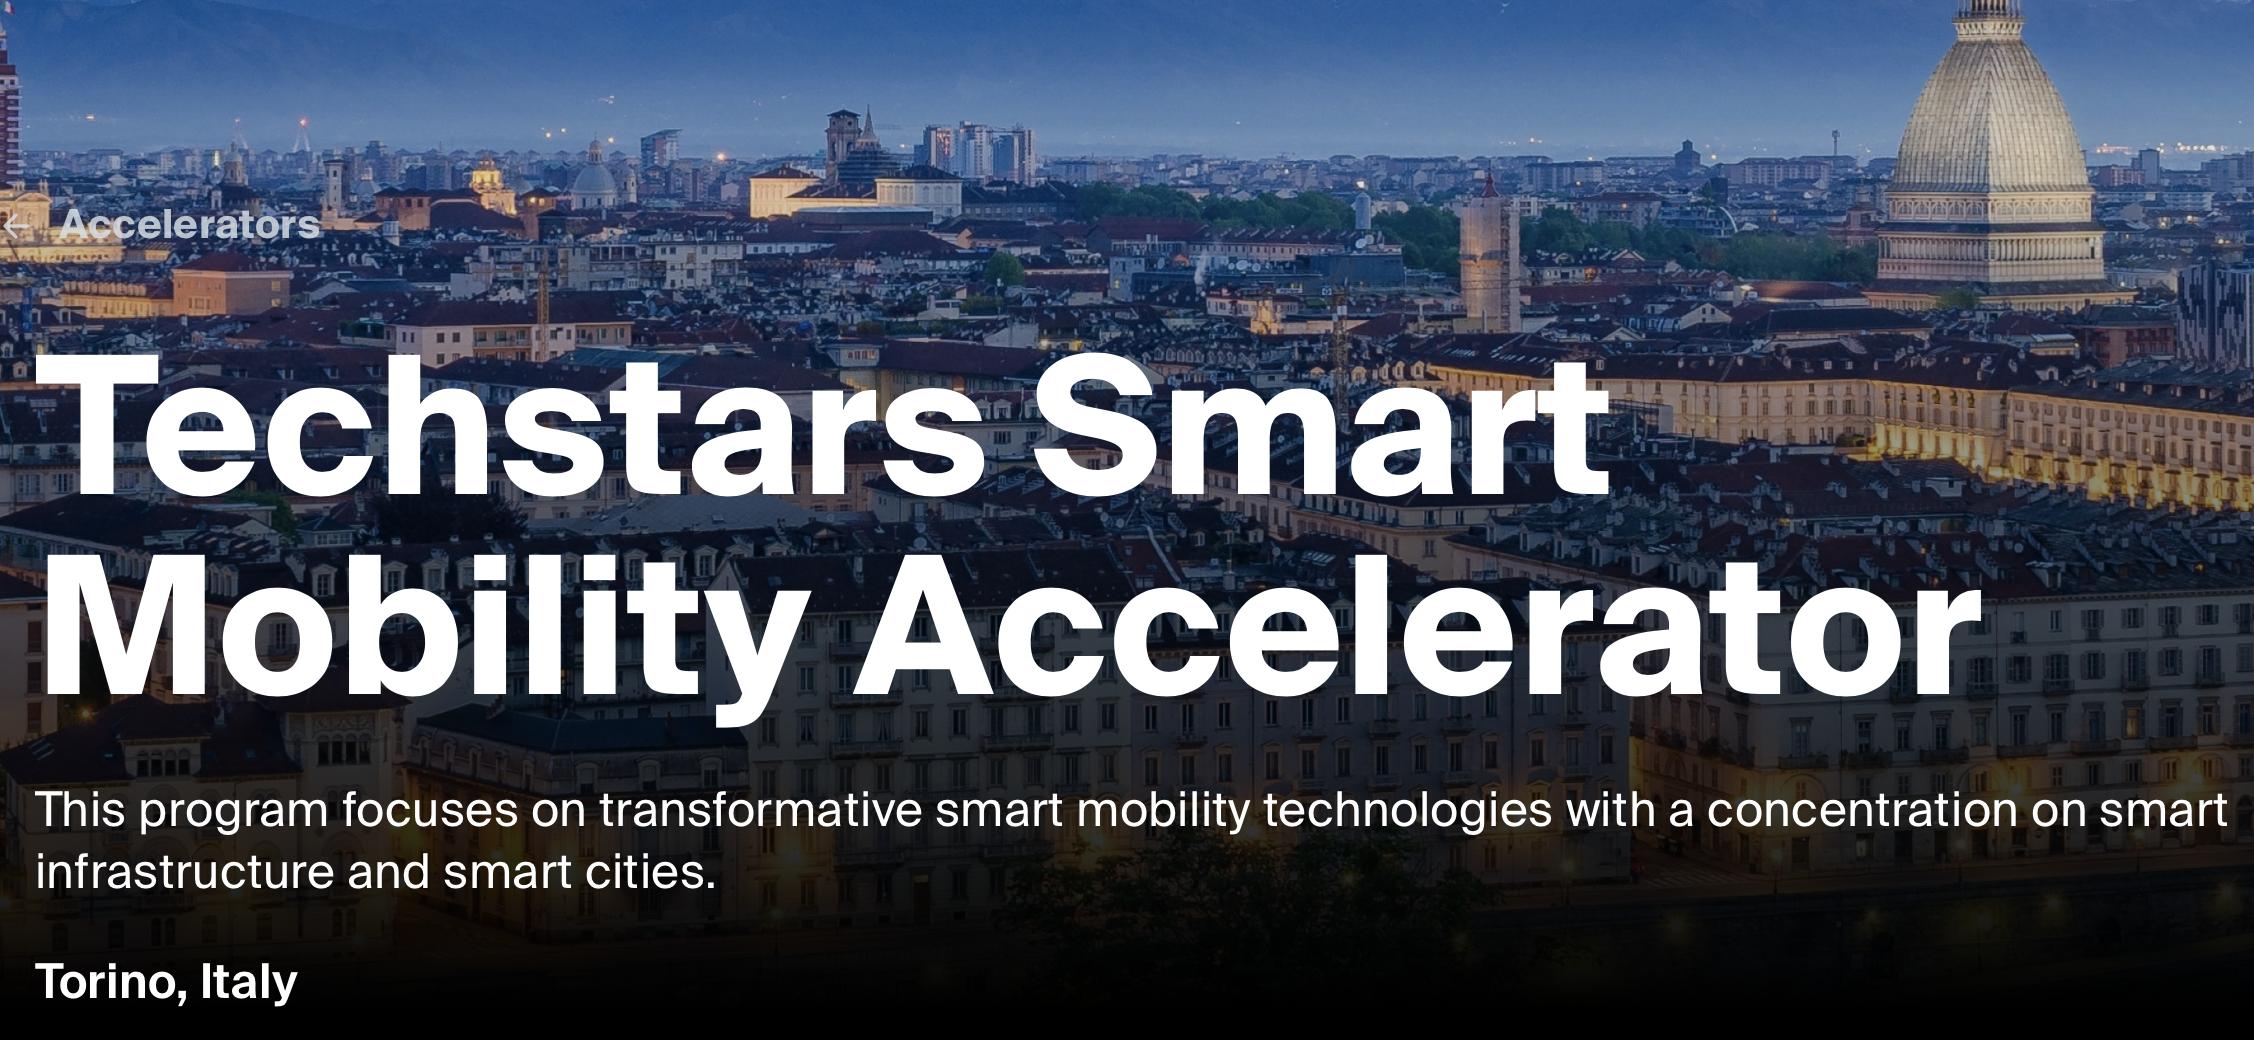 Torino capitale della smart mobility con Techstars